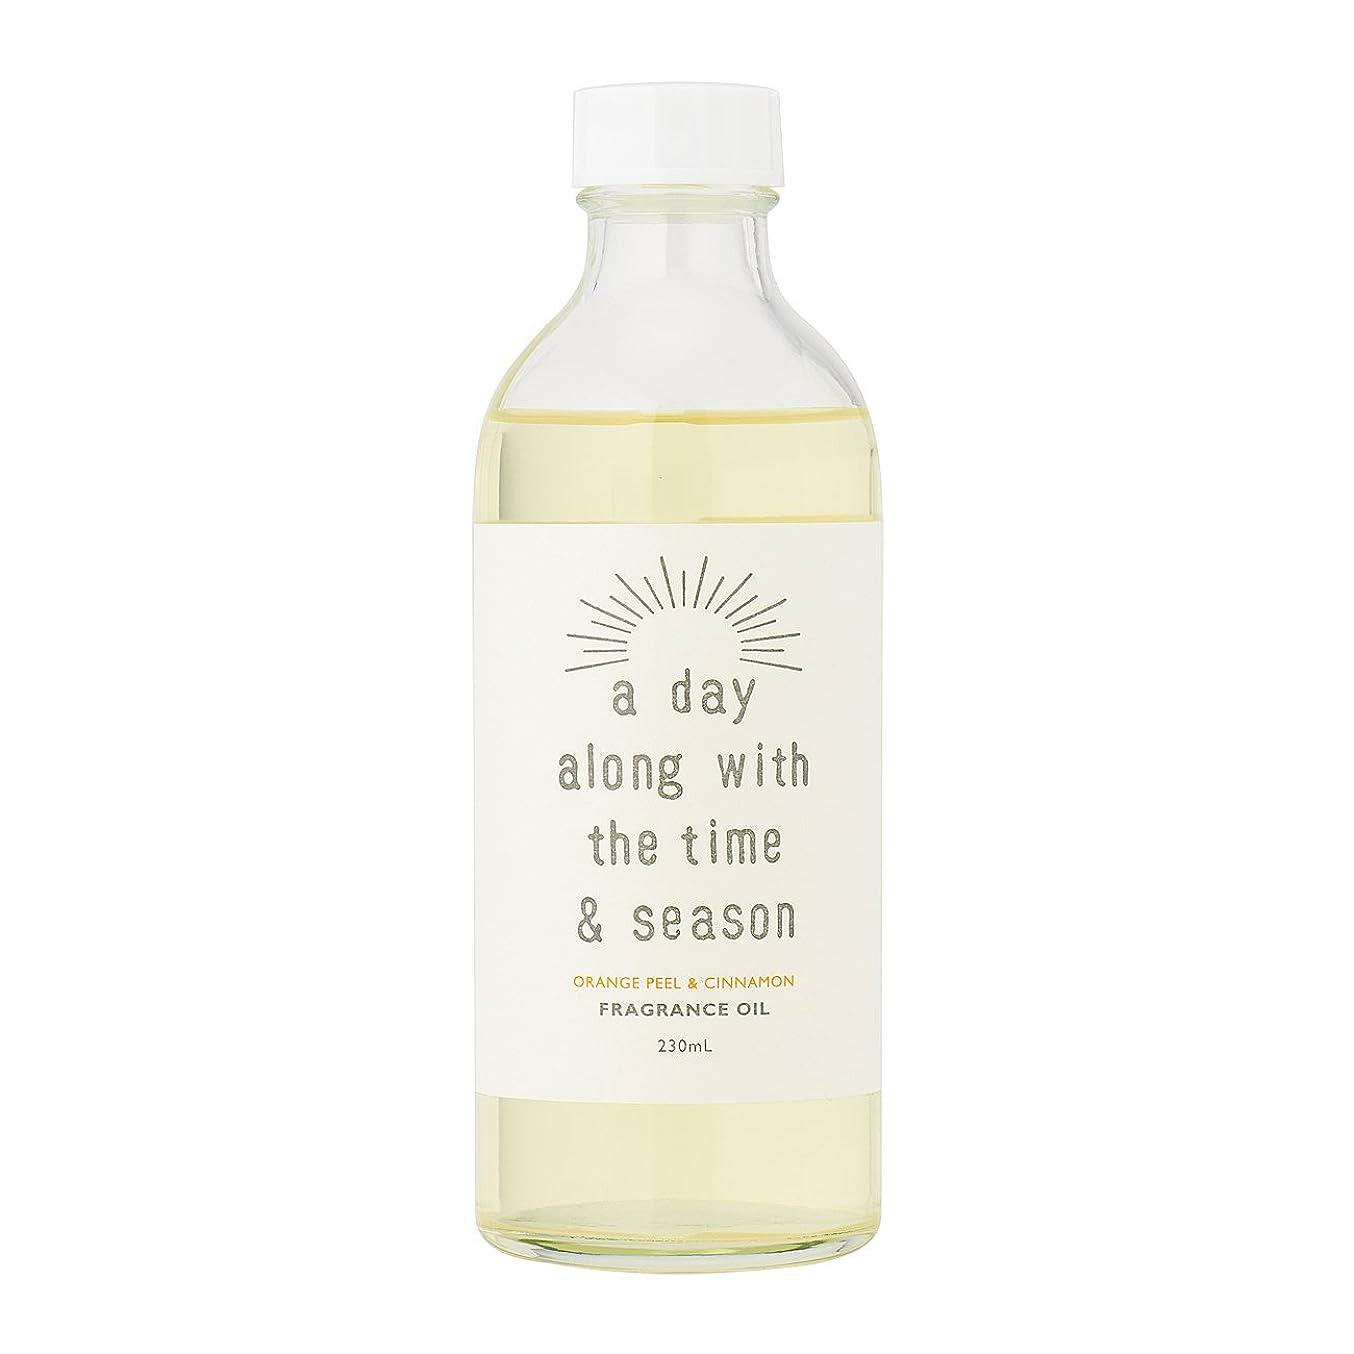 アルファベット化学忌まわしいアデイ(a day) リードディフューザー リフィル オレンジピール&シナモン 230ml(芳香剤 詰め替え用 甘酸っぱくて爽やかなオレンジピールにシナモンがふわりと広がる香り)